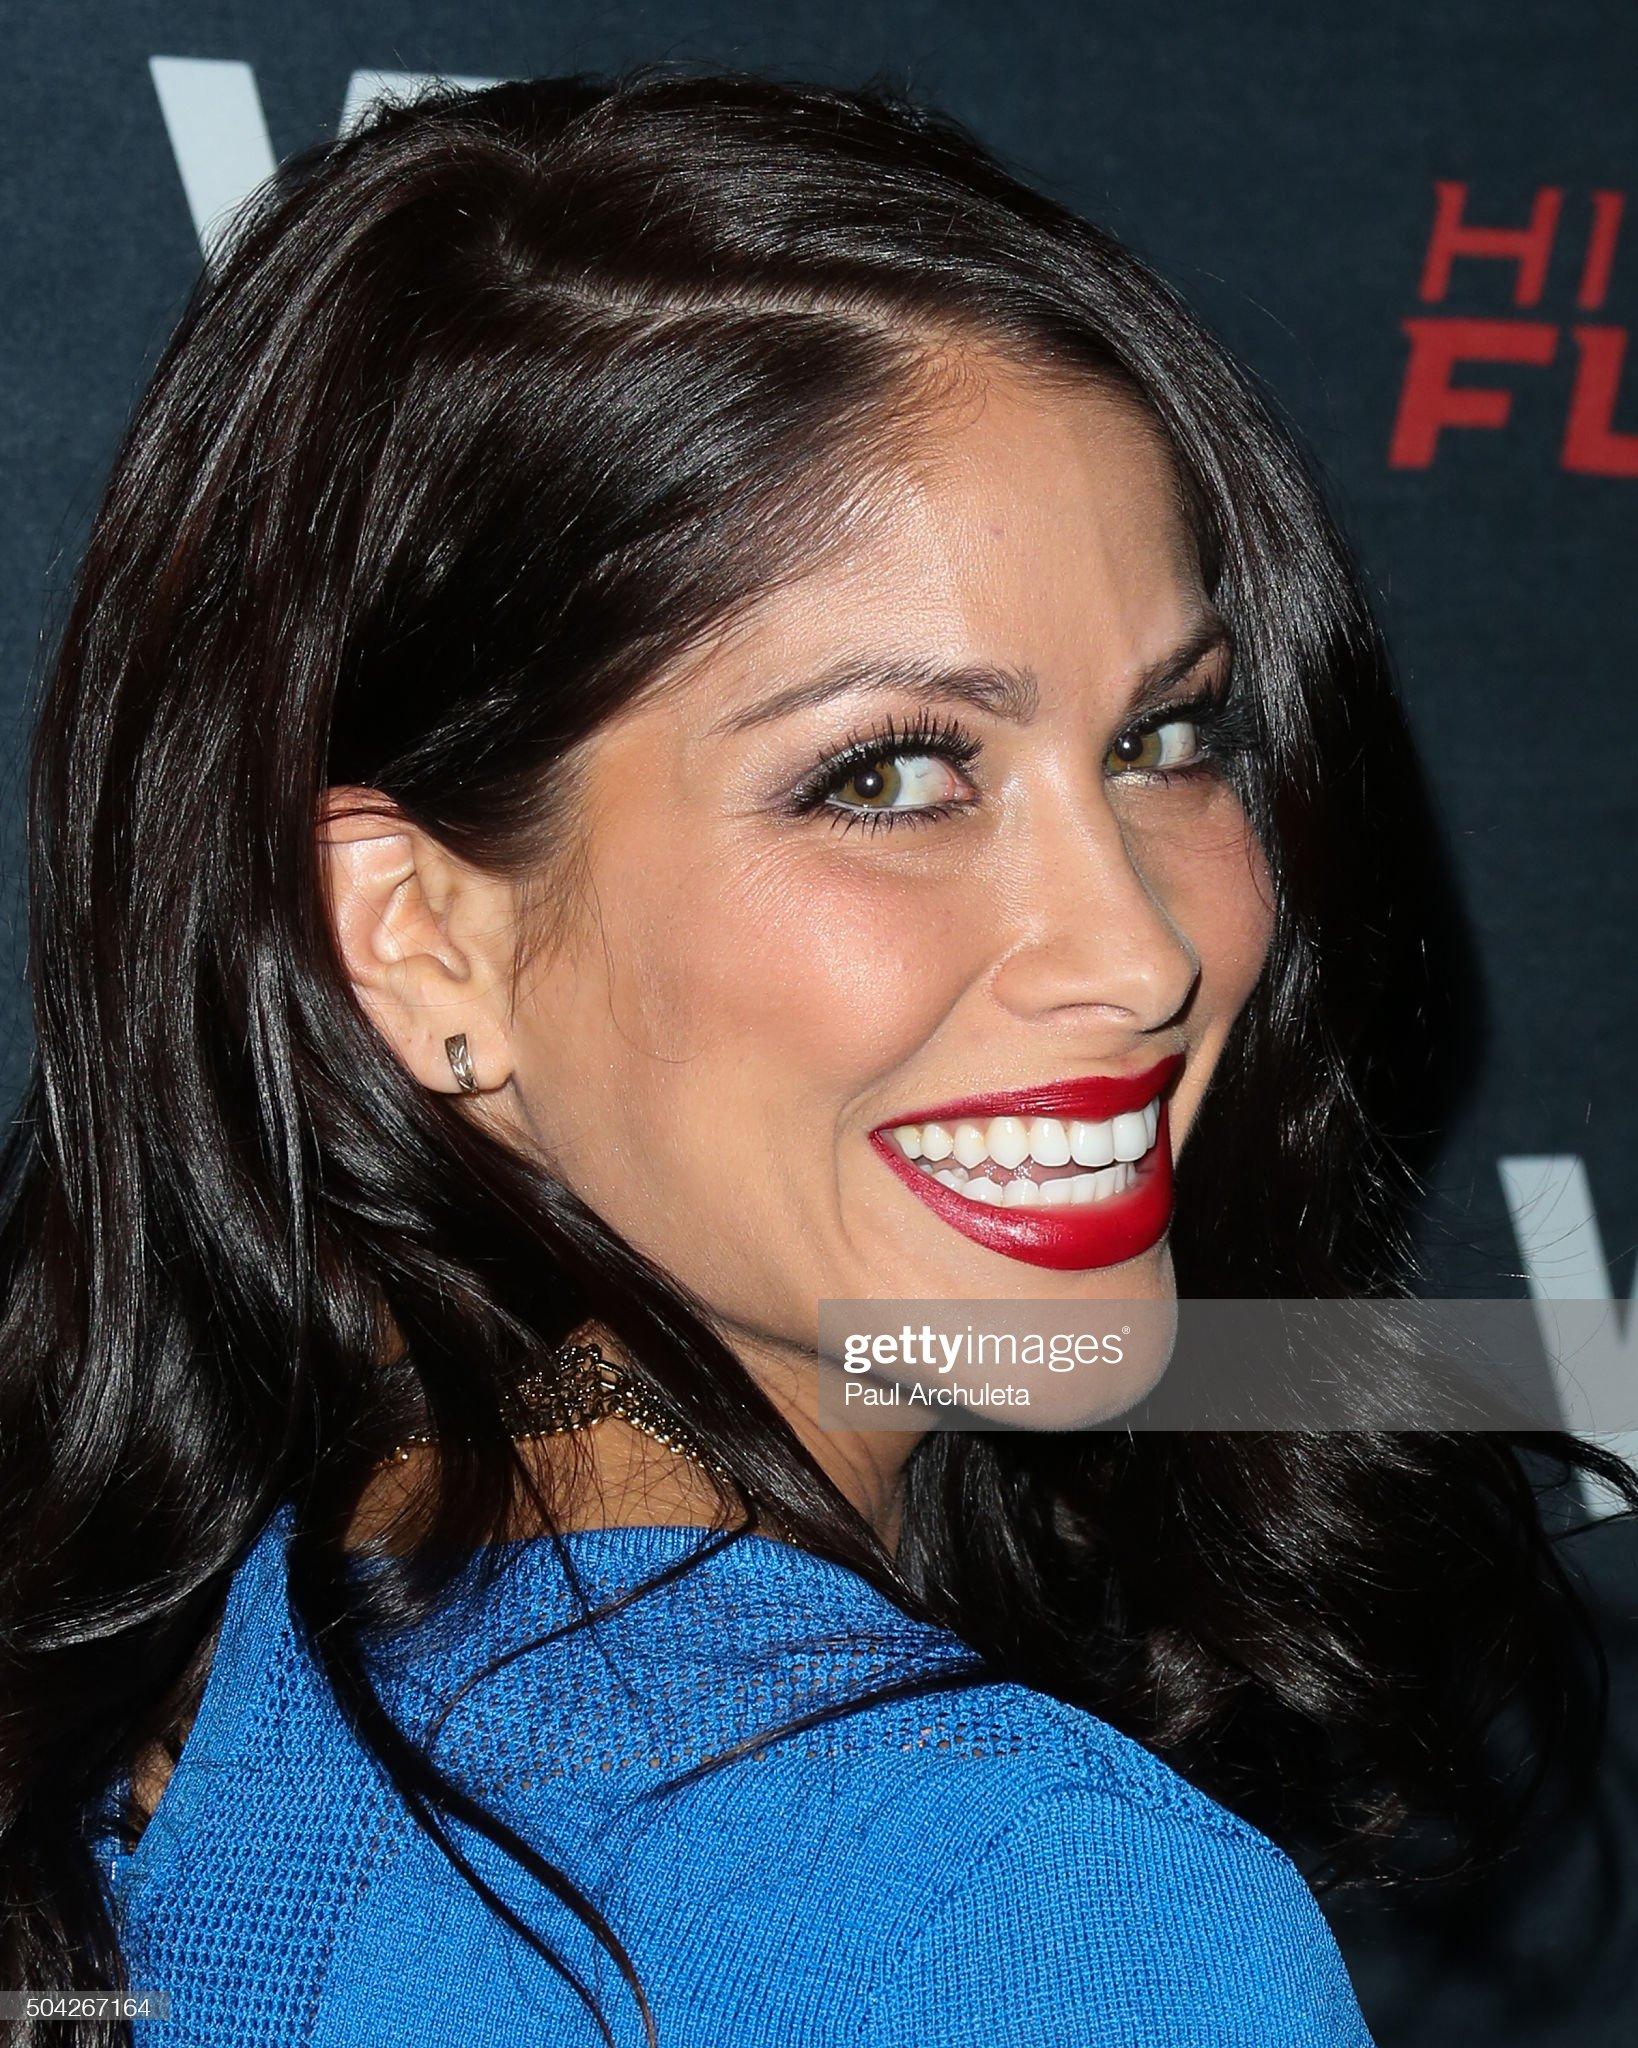 DEBATE sobre belleza, guapura y hermosura (fotos de chicas latinas, mestizas, y de todo) - VOL II - Página 9 Actress-valery-ortiz-attends-the-premiere-of-vh1s-hit-the-floor-3-at-picture-id504267164?s=2048x2048